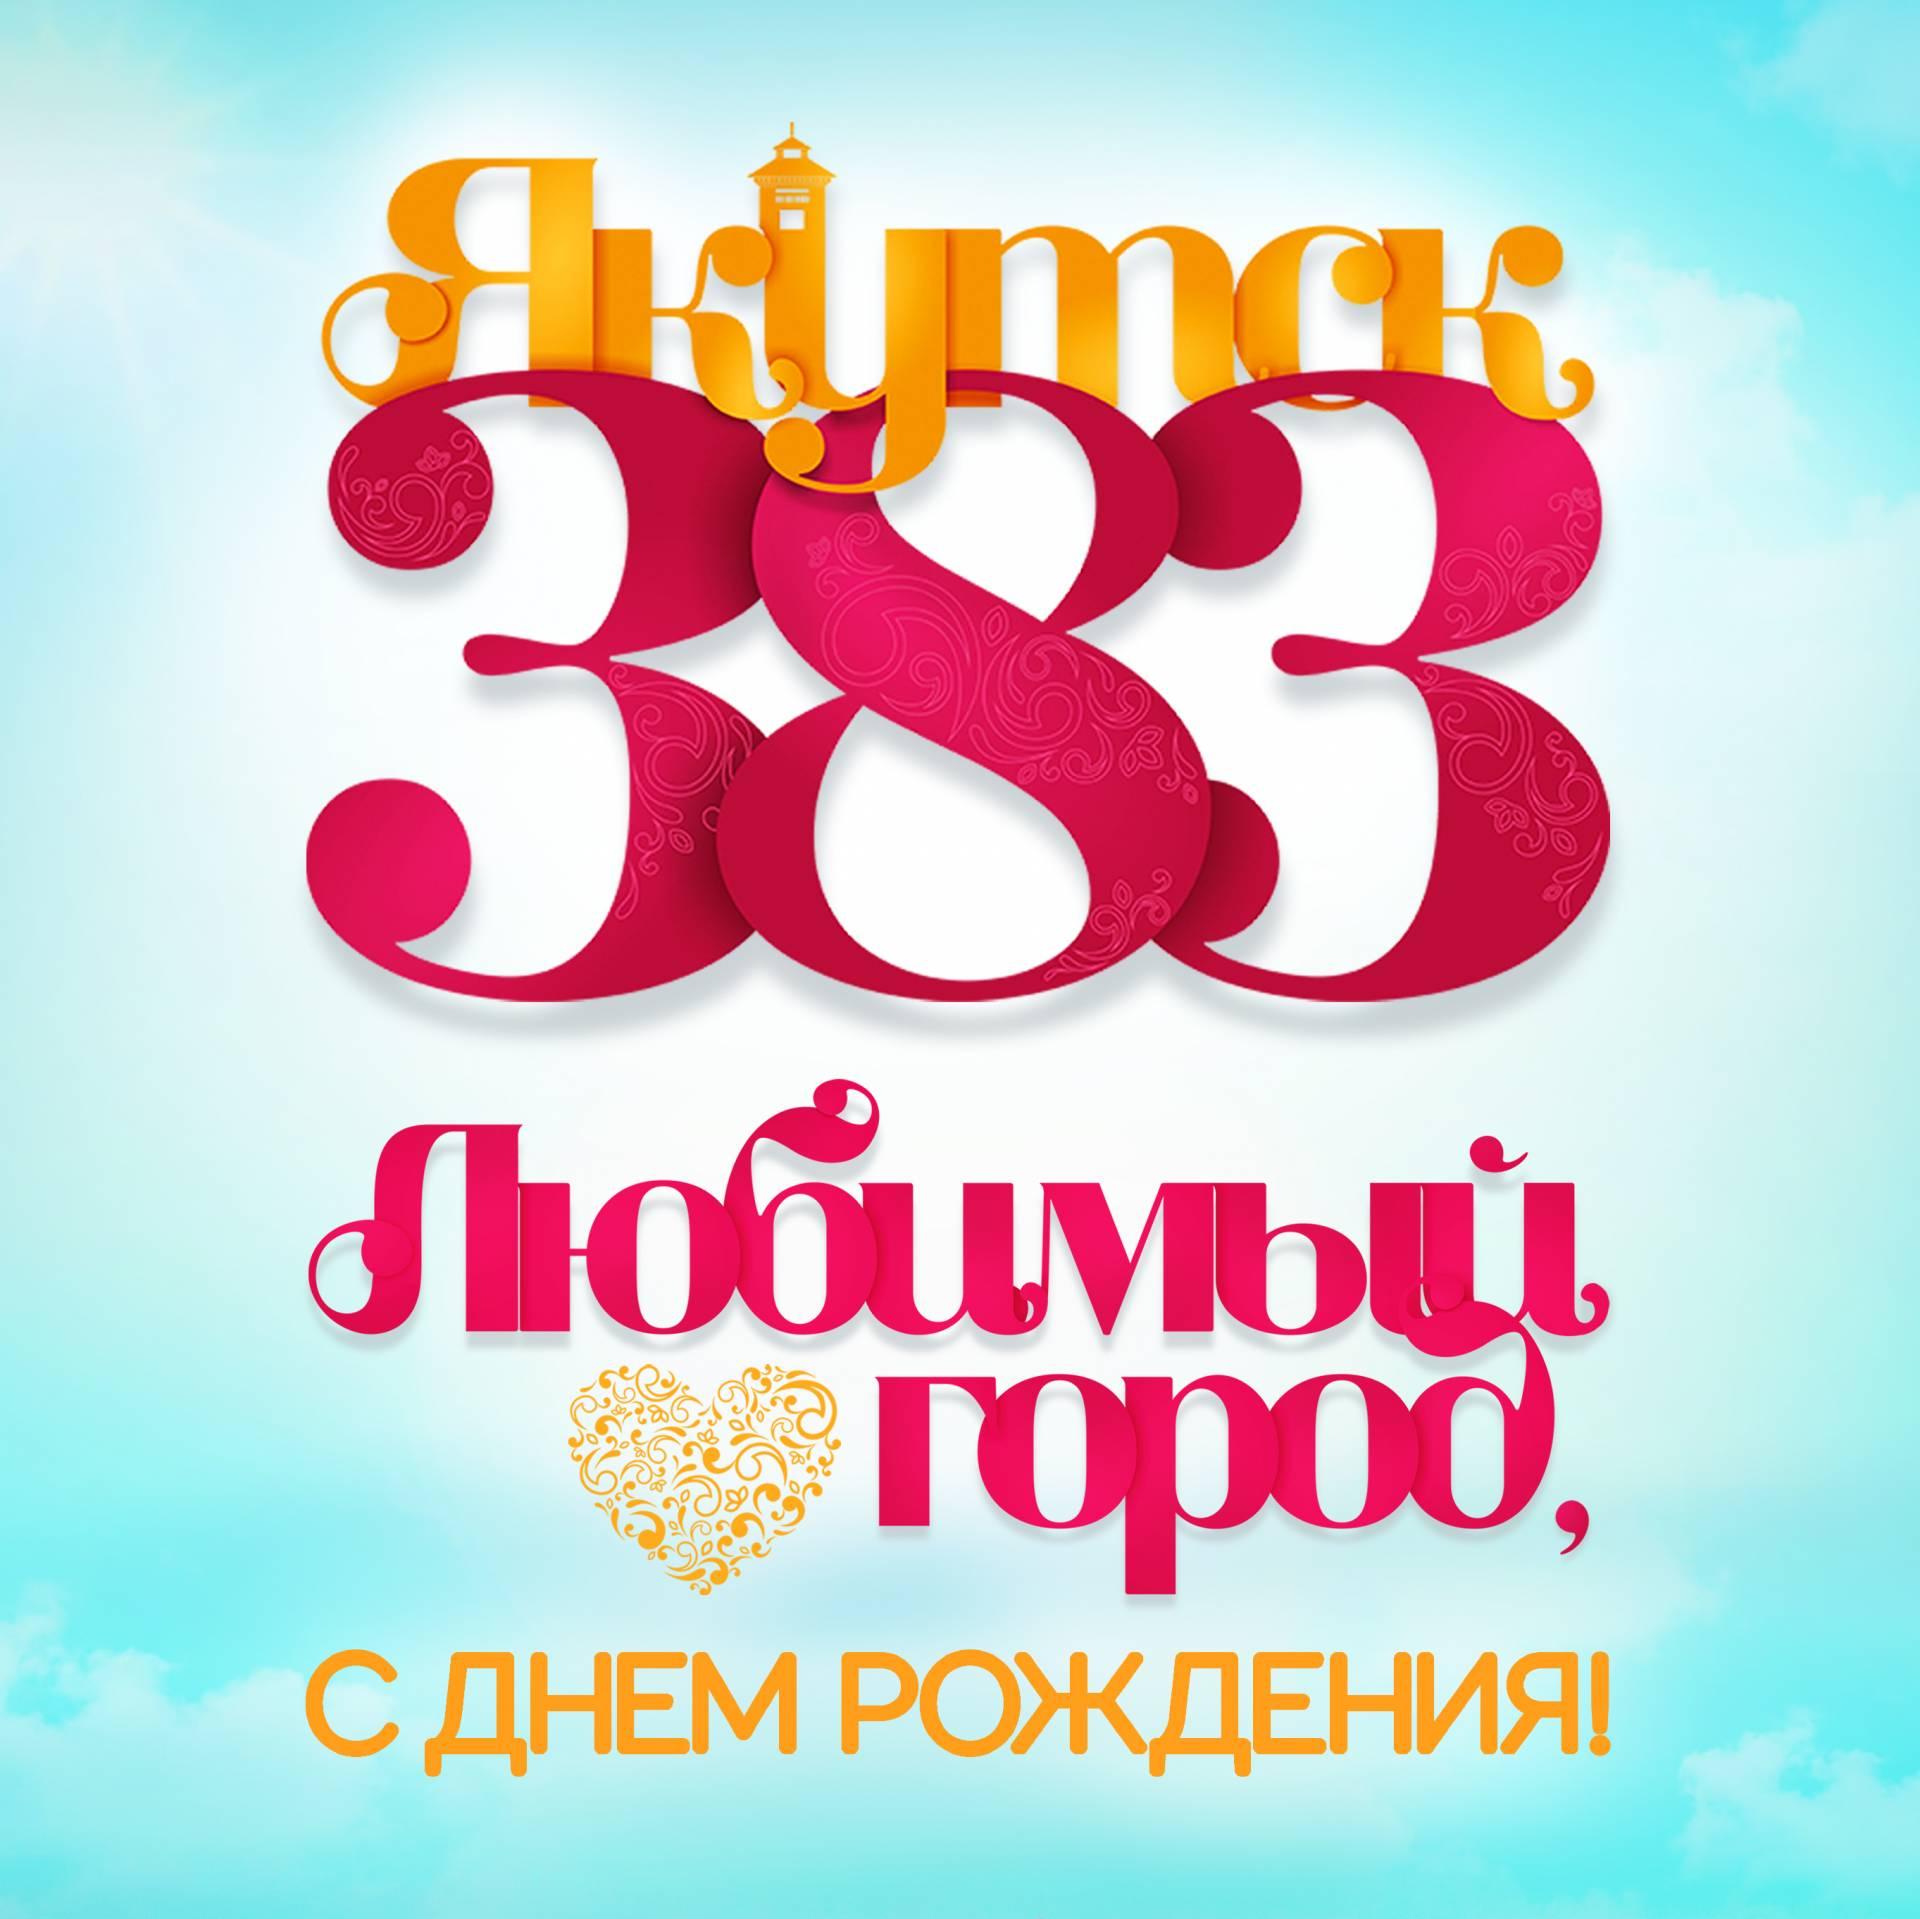 Якутские открытки с юбилеем